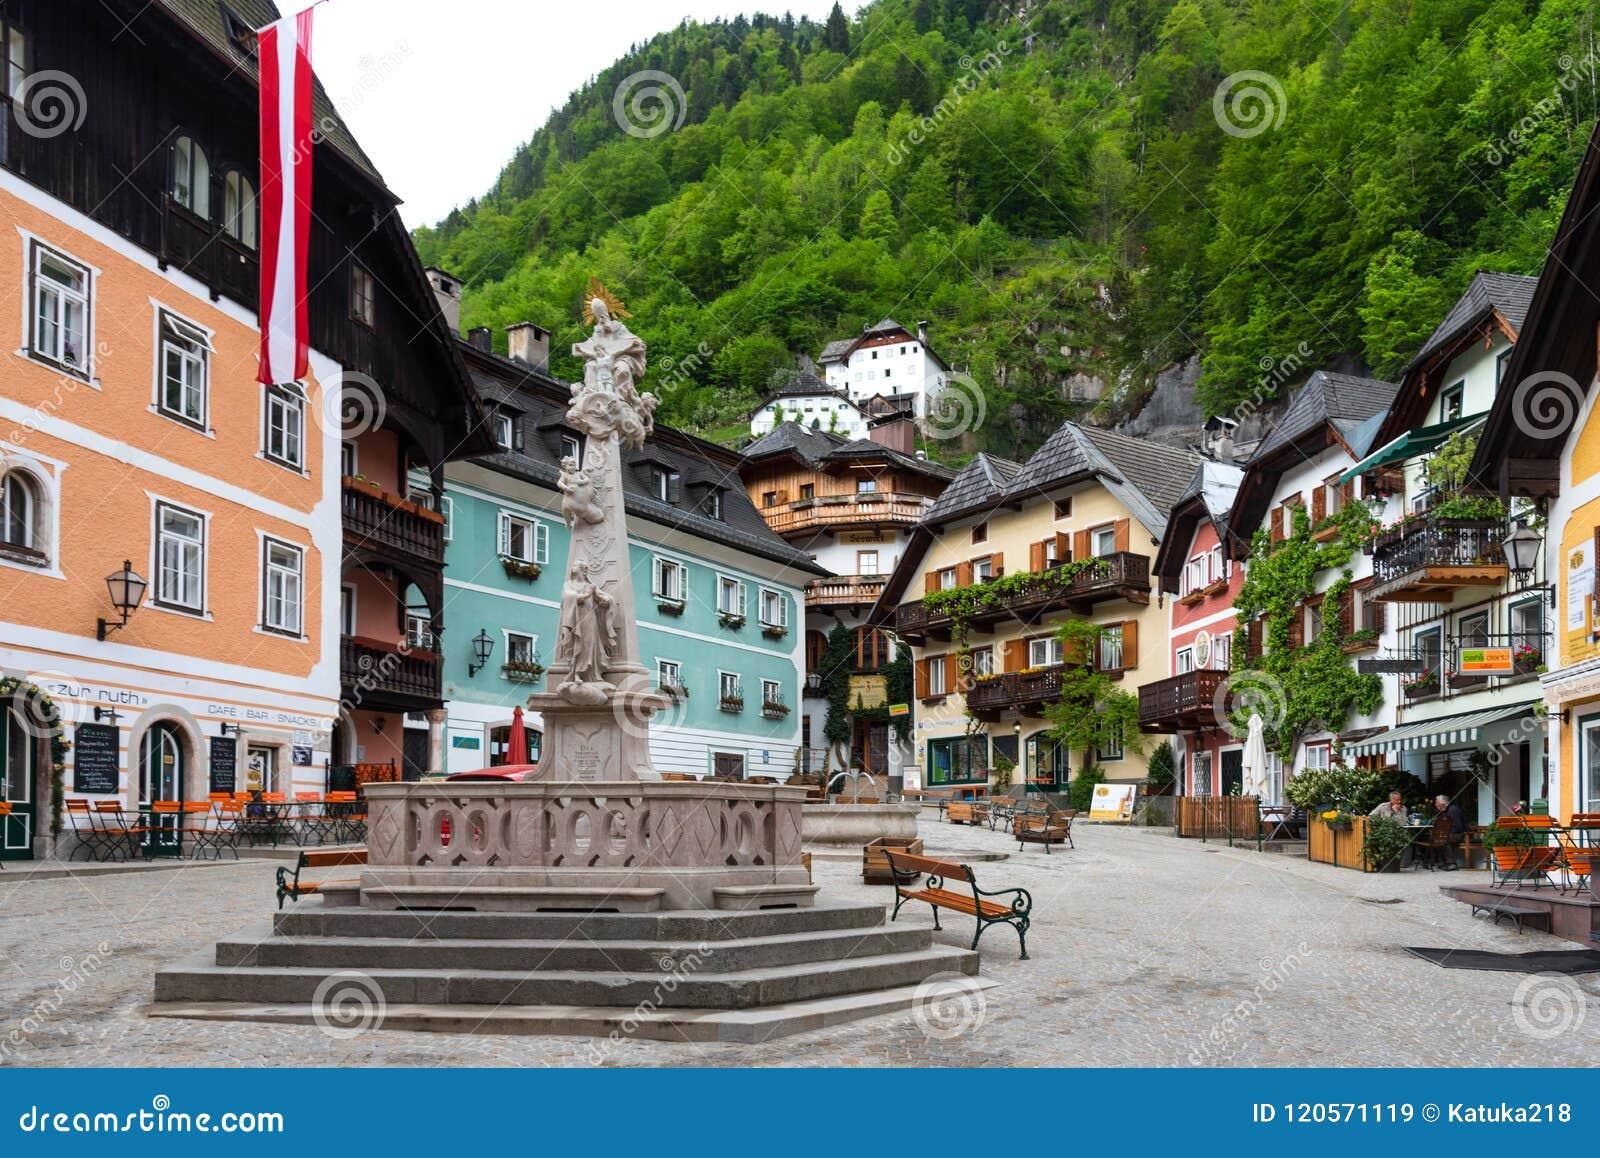 Hallstatt, Austria - May 2, 2018: Central Square in Hallstatt, Austria